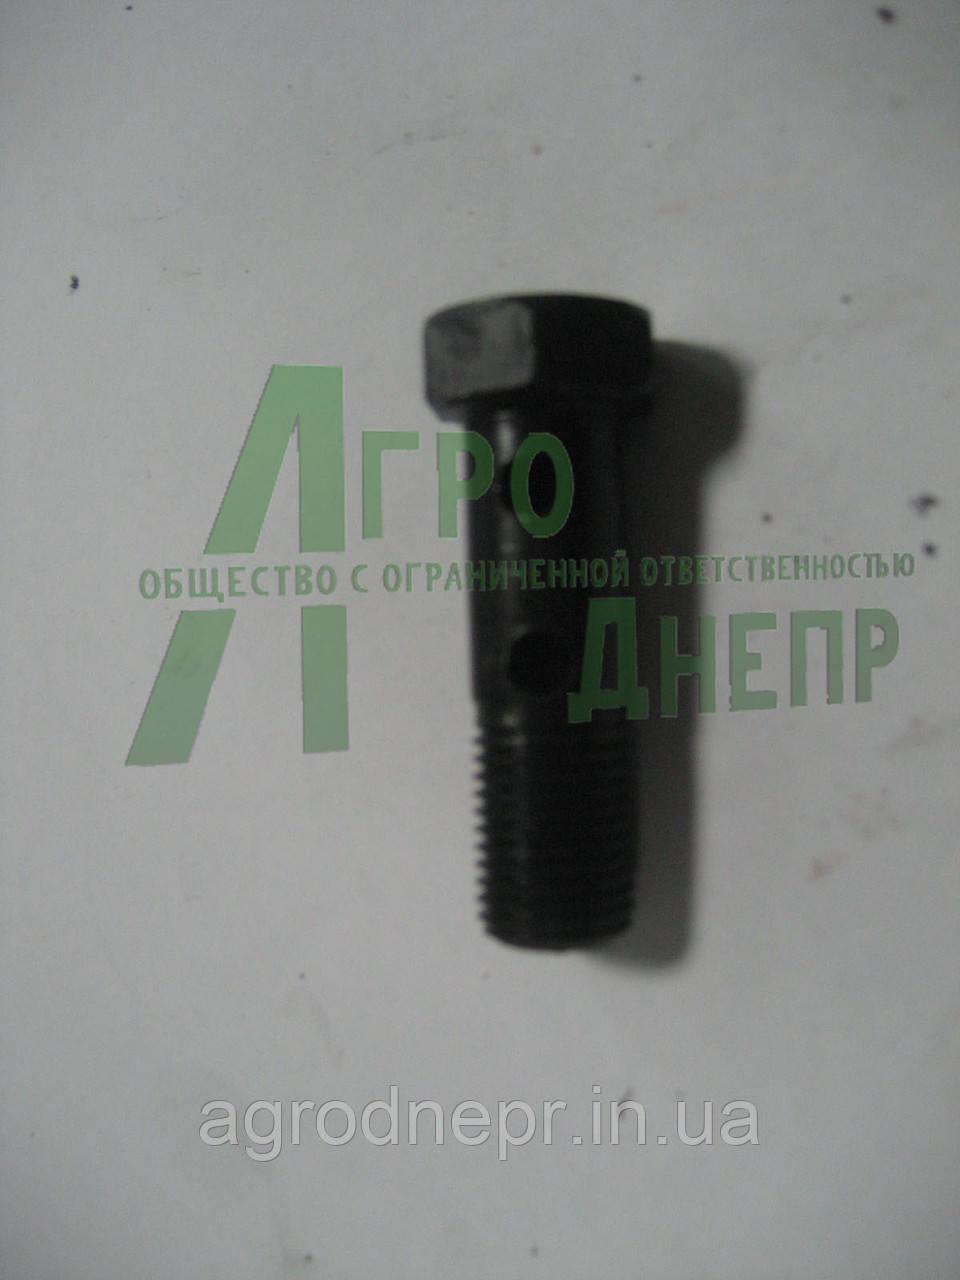 Болт топливный Ф14 (2 отверстия) Д18-051-1